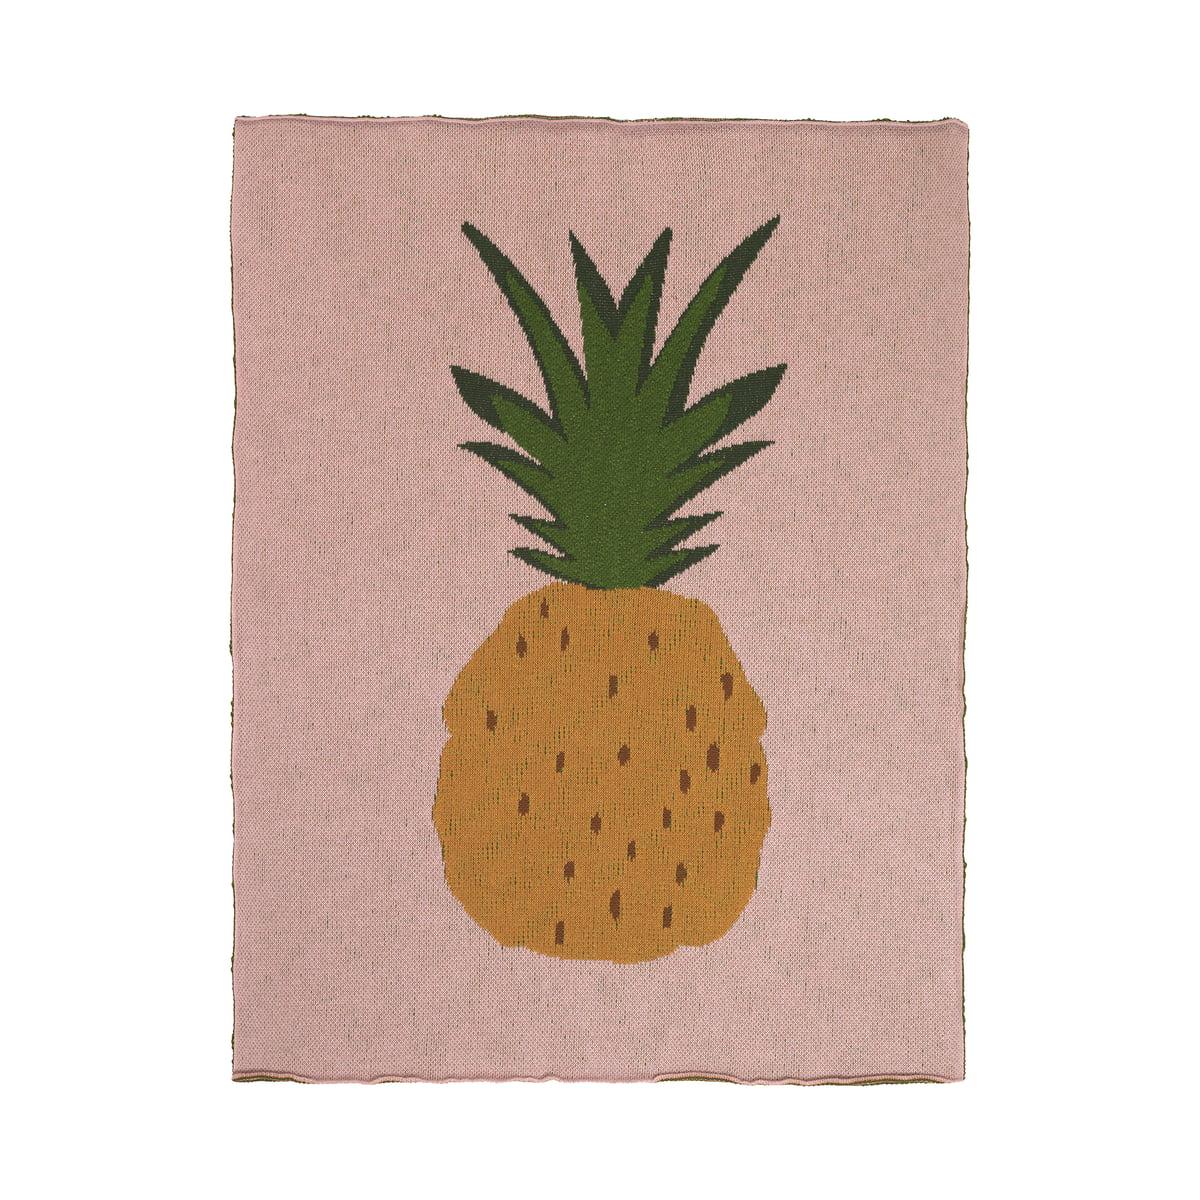 ferm Living - Fruiticana Kinderdecke, 80 x 100 cm, Ananas   Kinderzimmer > Textilien für Kinder > Kinderbettwäsche   Mehrfarbig   ferm living